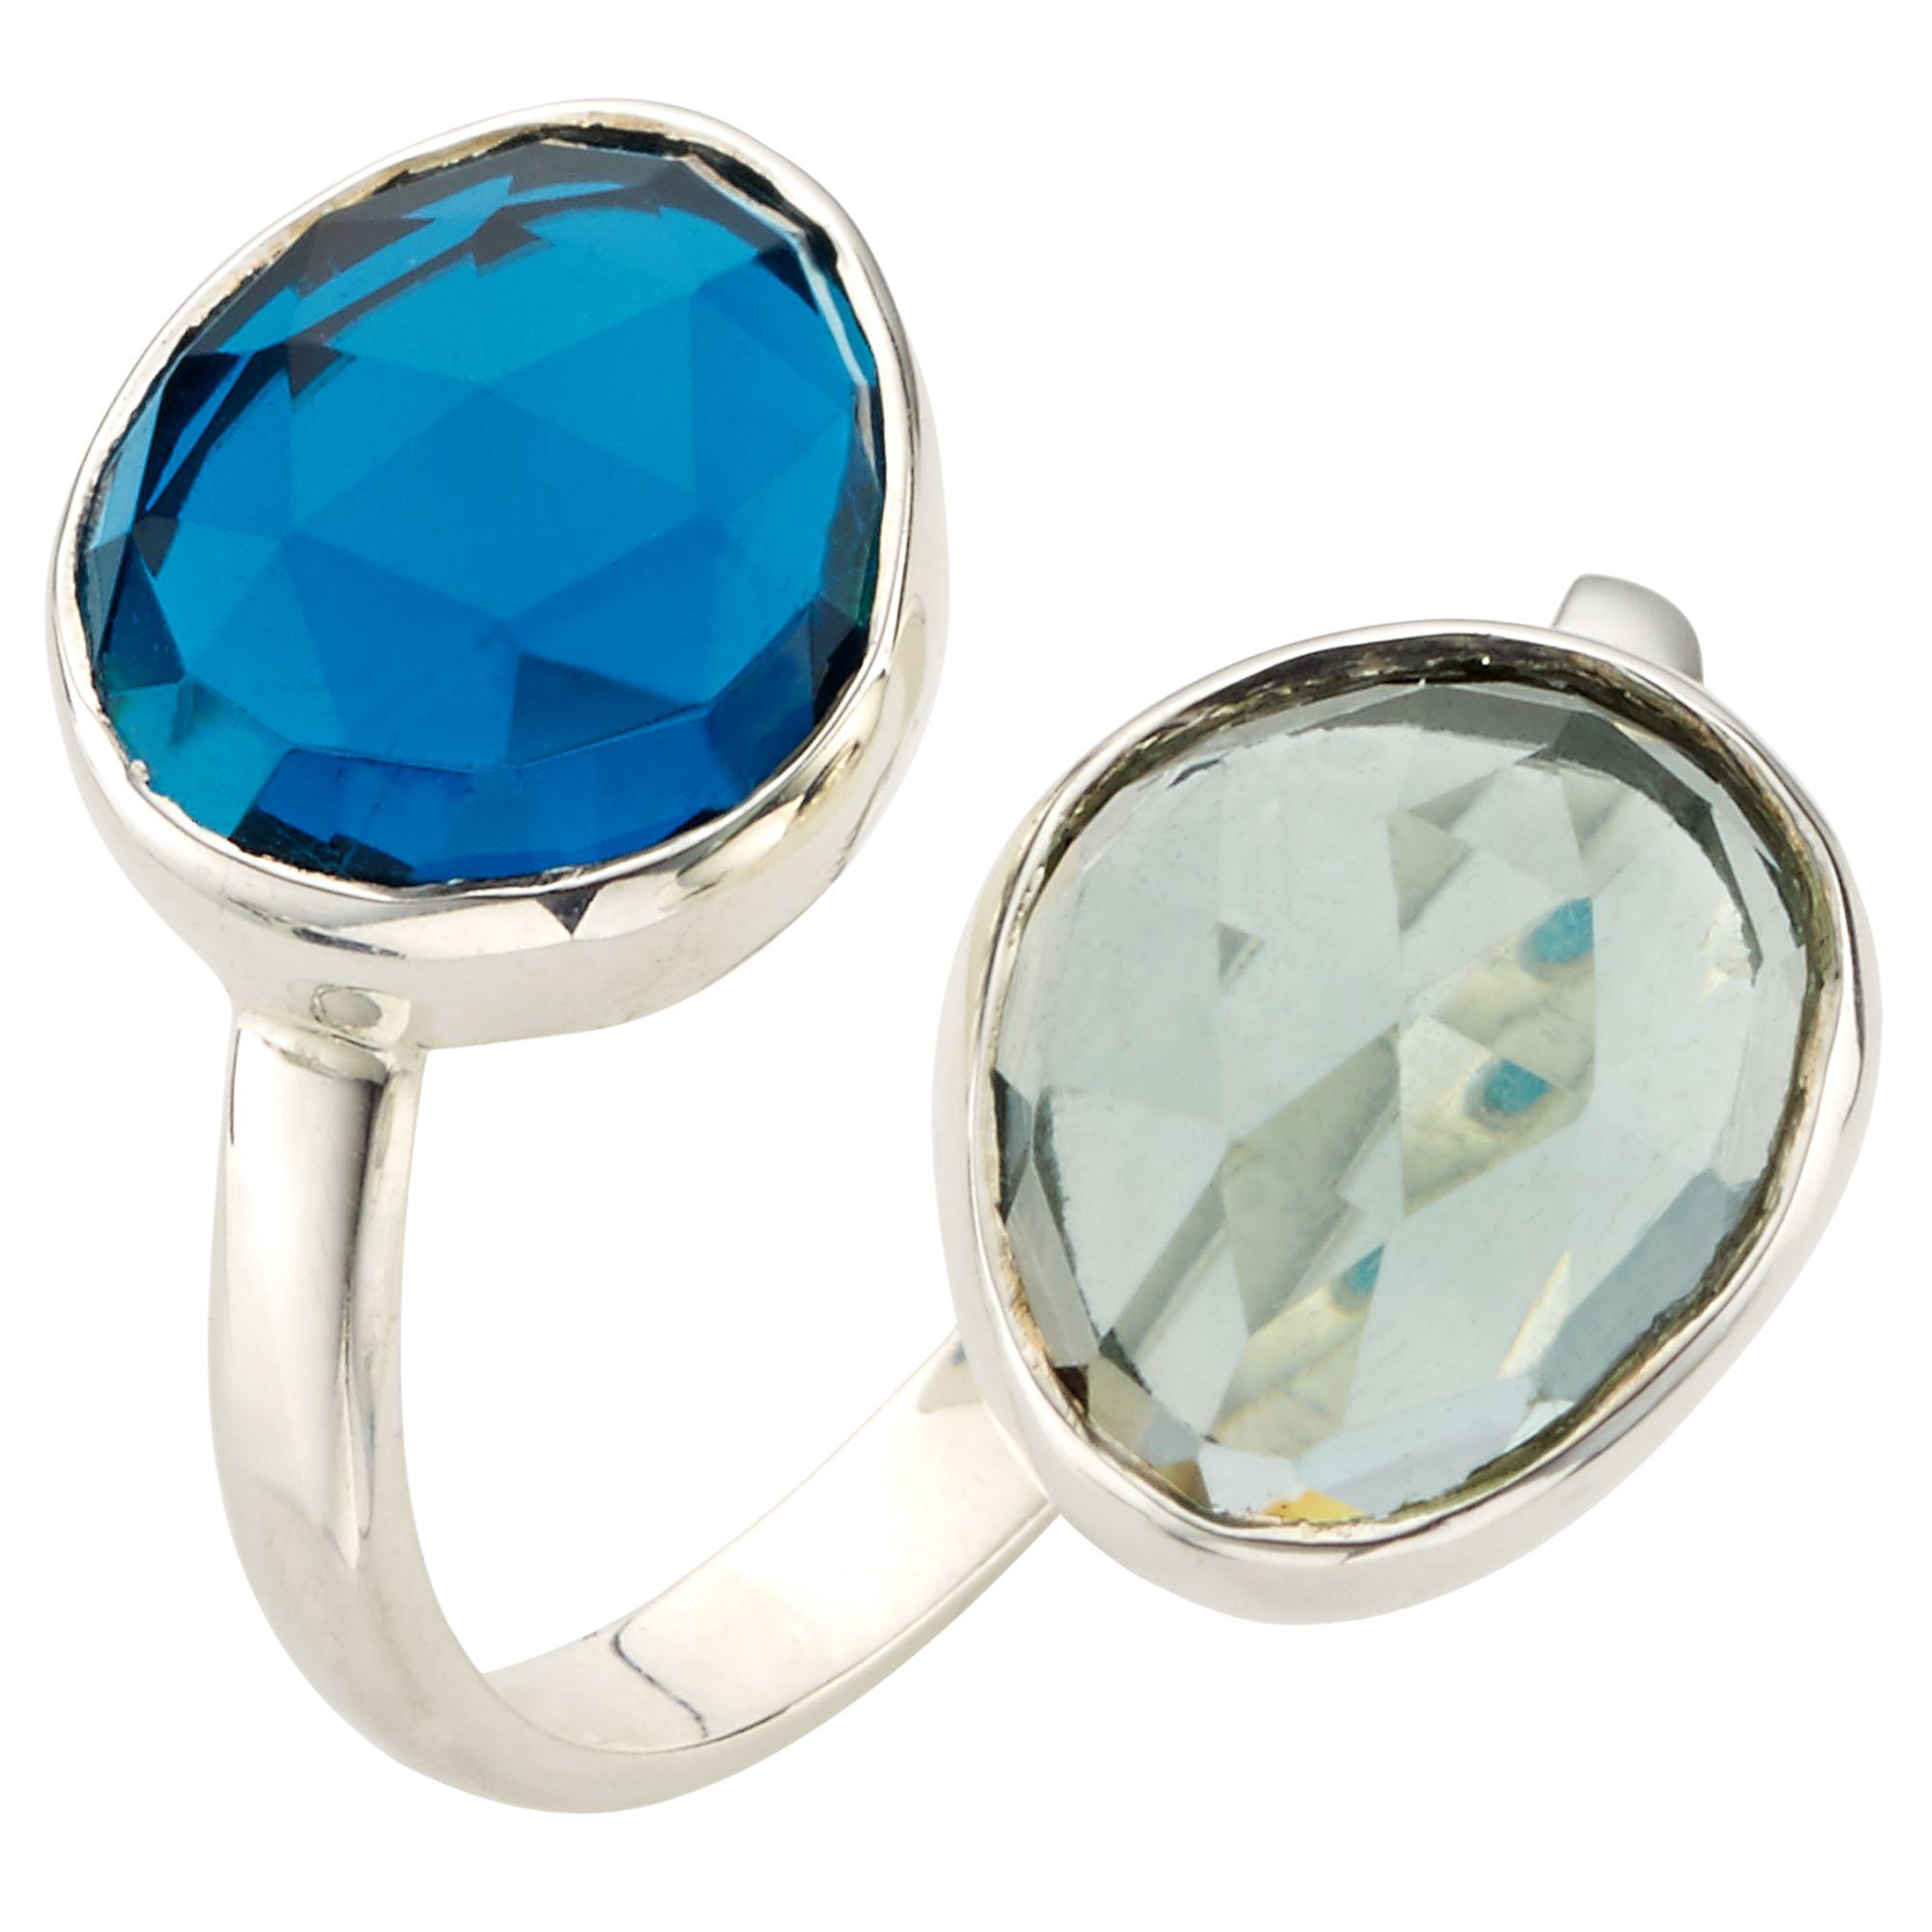 John Lewis Gemstones John Lewis Gemstones Double Semi Precious Stone Ring